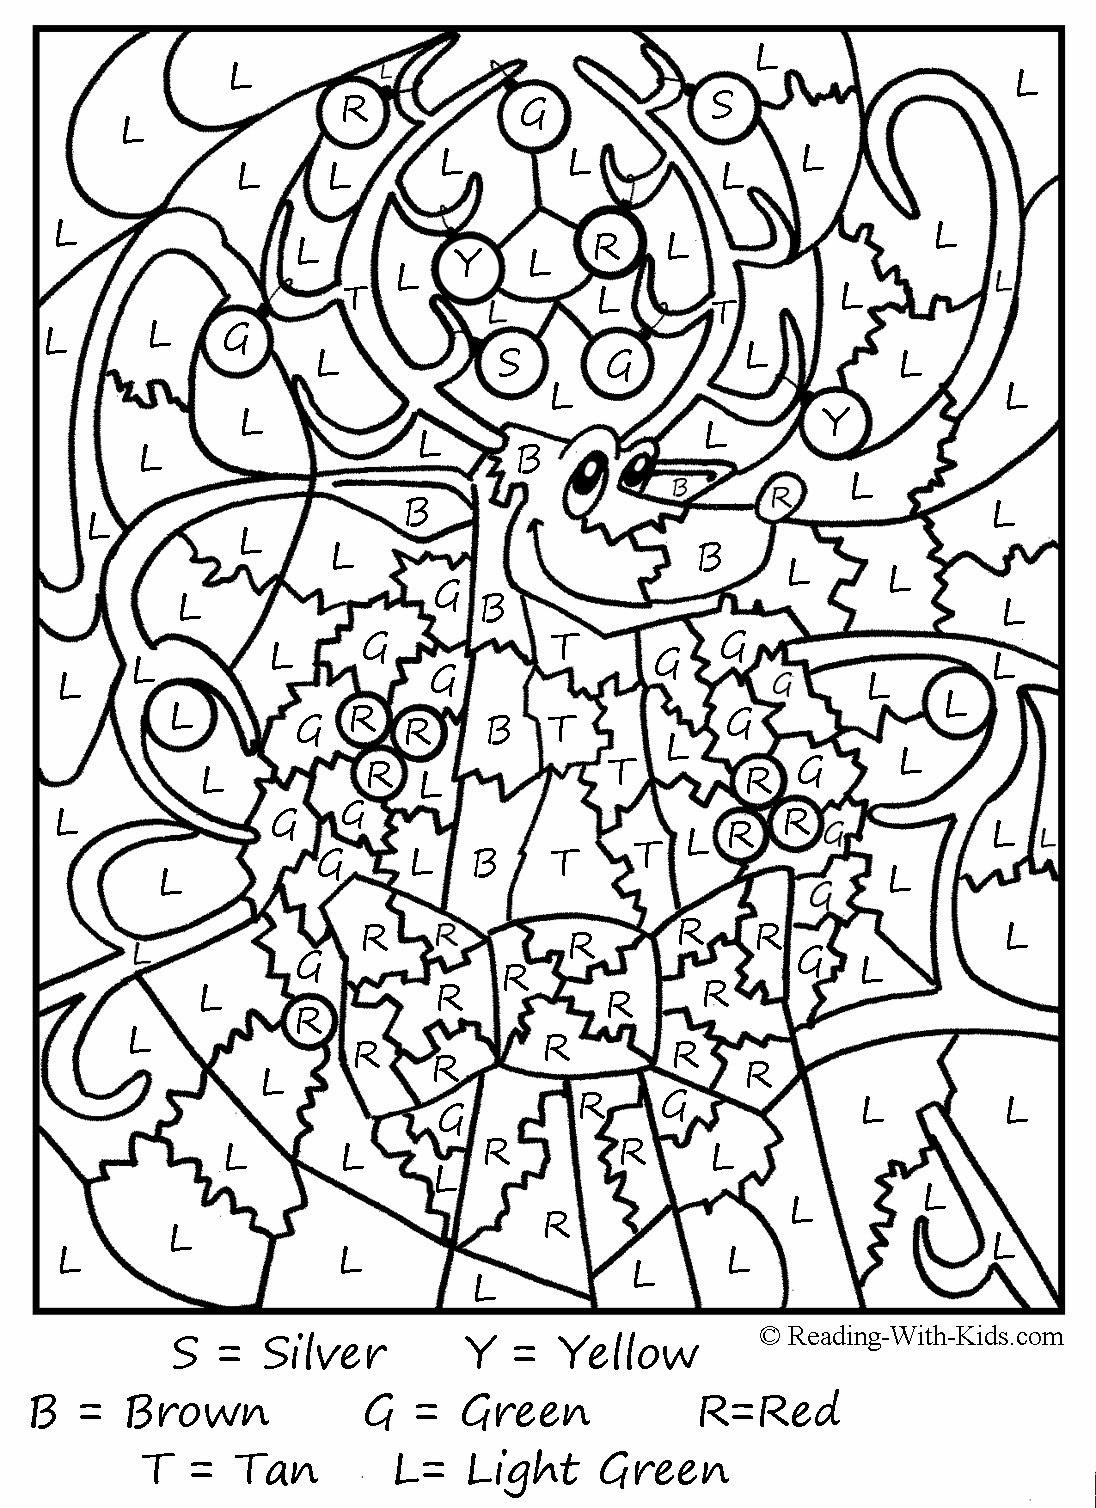 Dessins Gratuits À Colorier - Coloriage Magique Cp À Imprimer avec Coloriage Codé Ce1